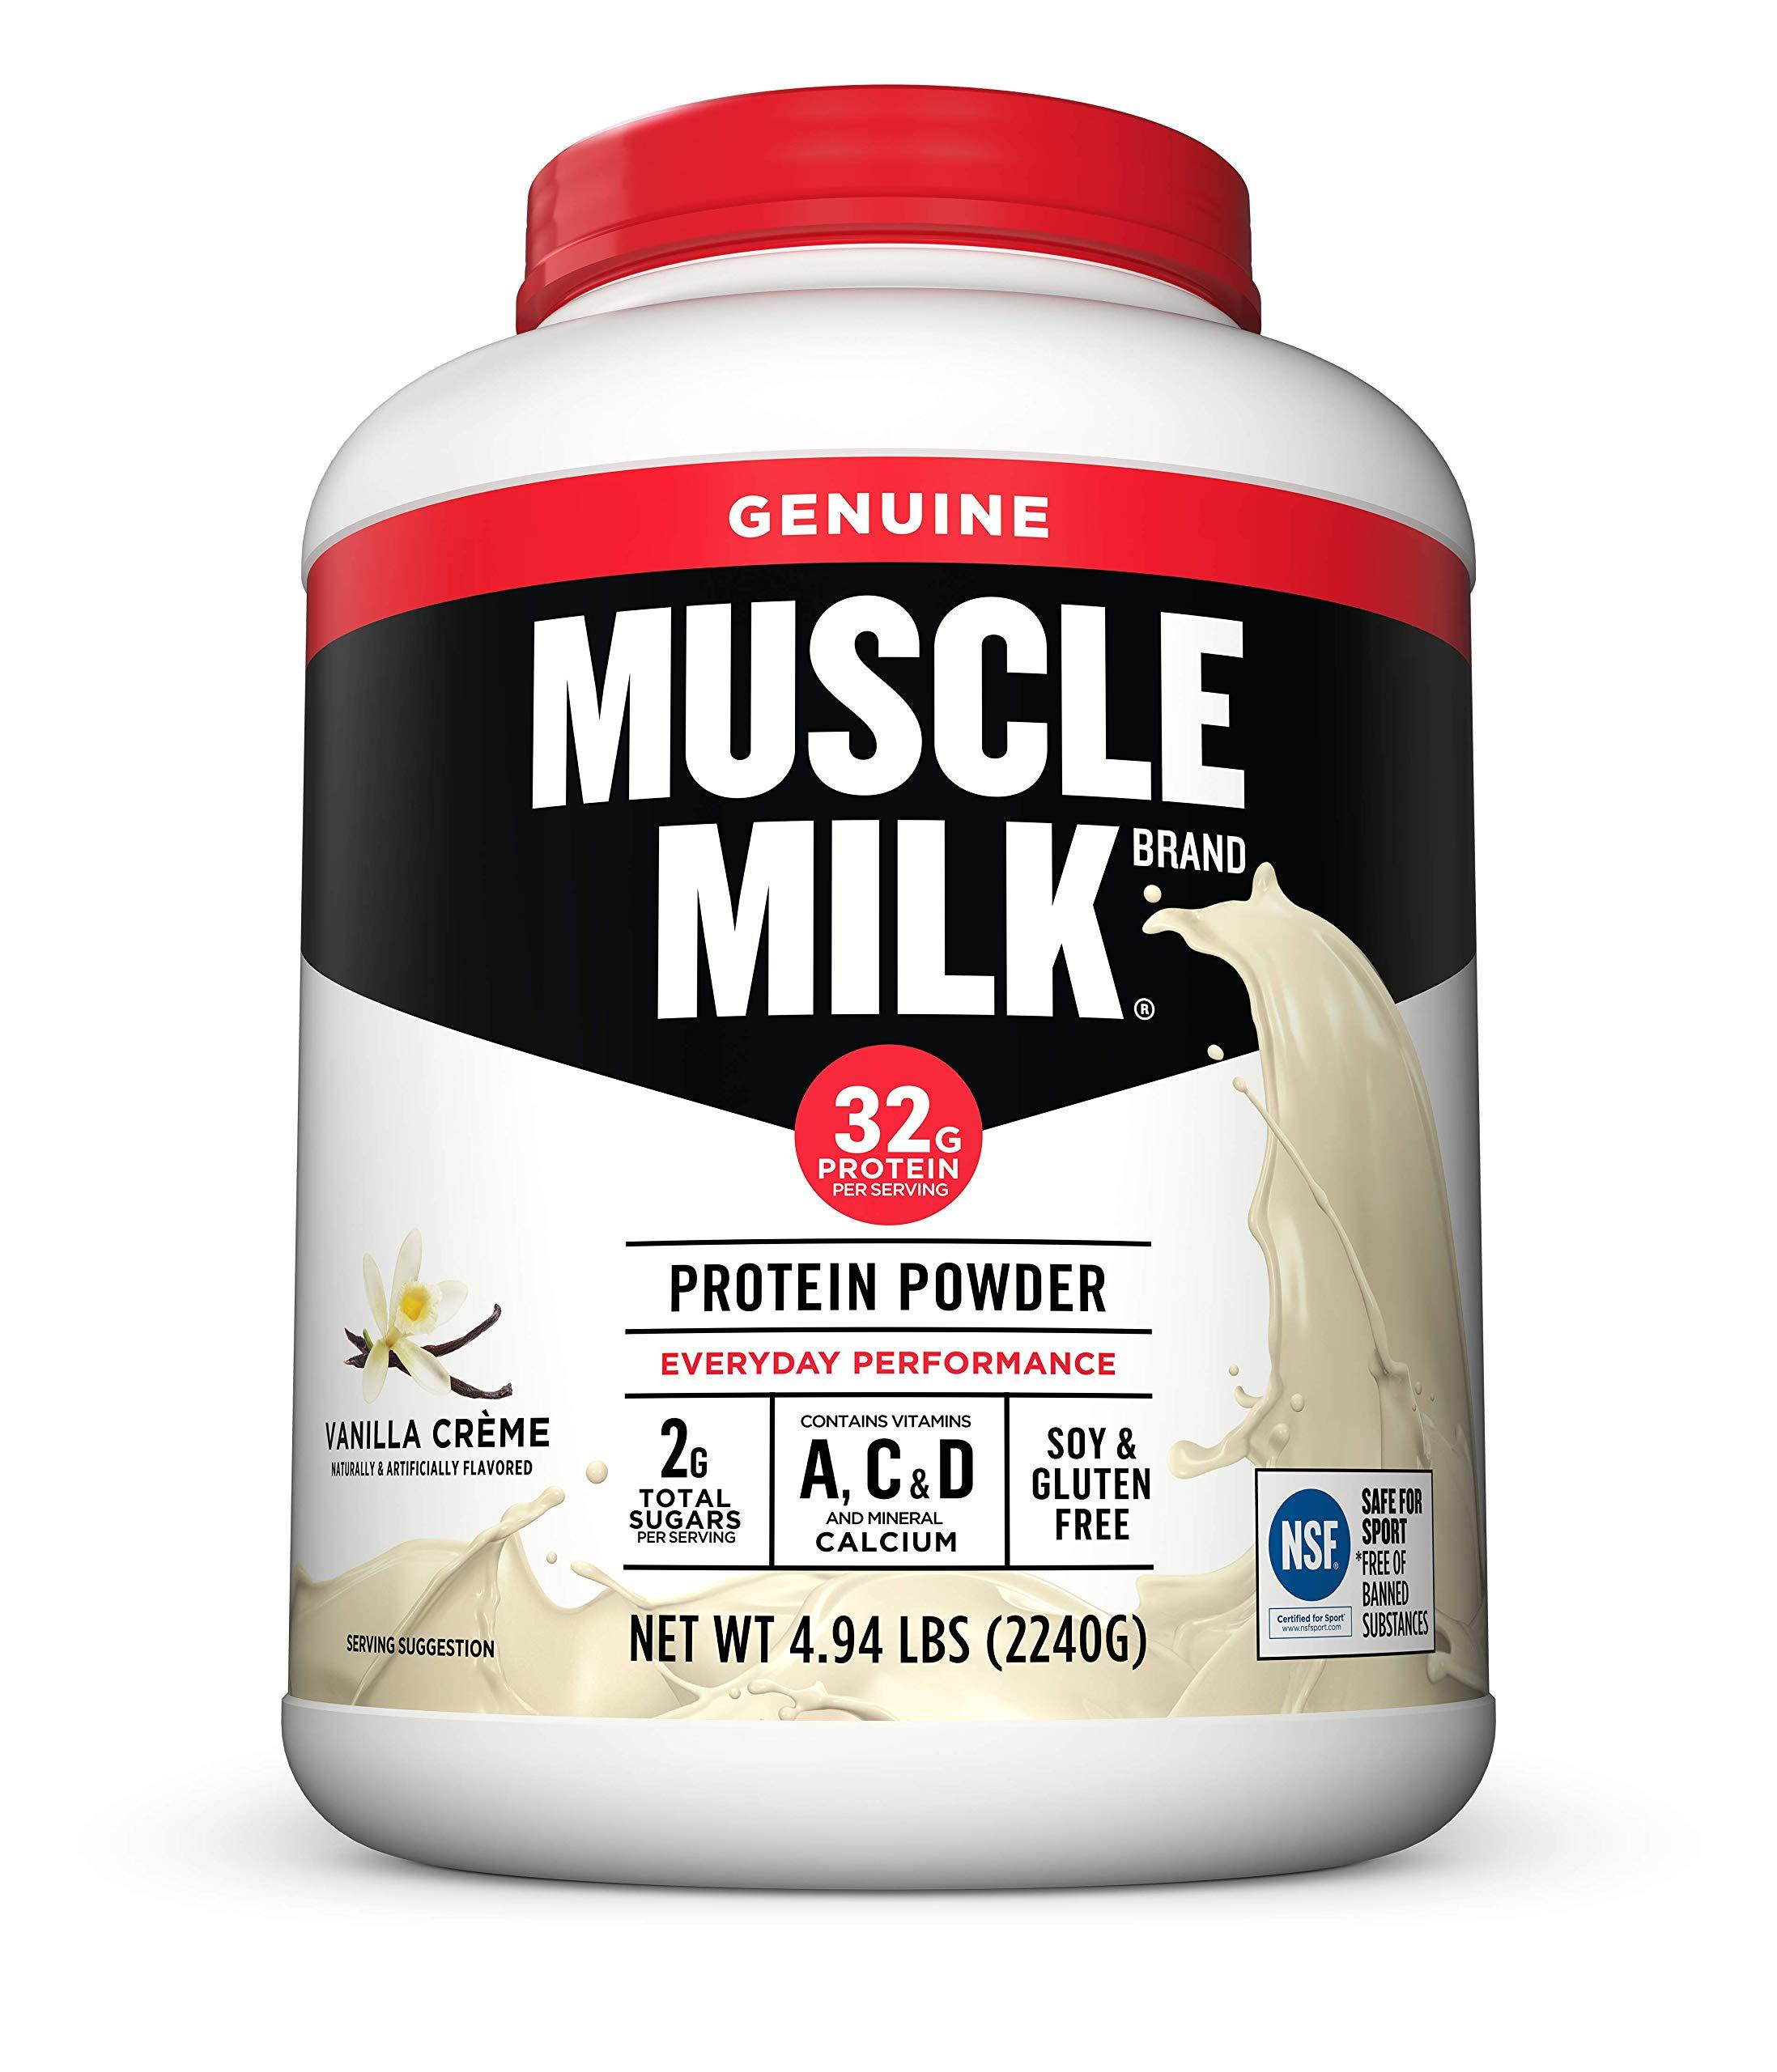 Muscle Milk Genuine Protein Powder, Vanilla Crème, 32g Protein, 4.94 Pound by CytoSport